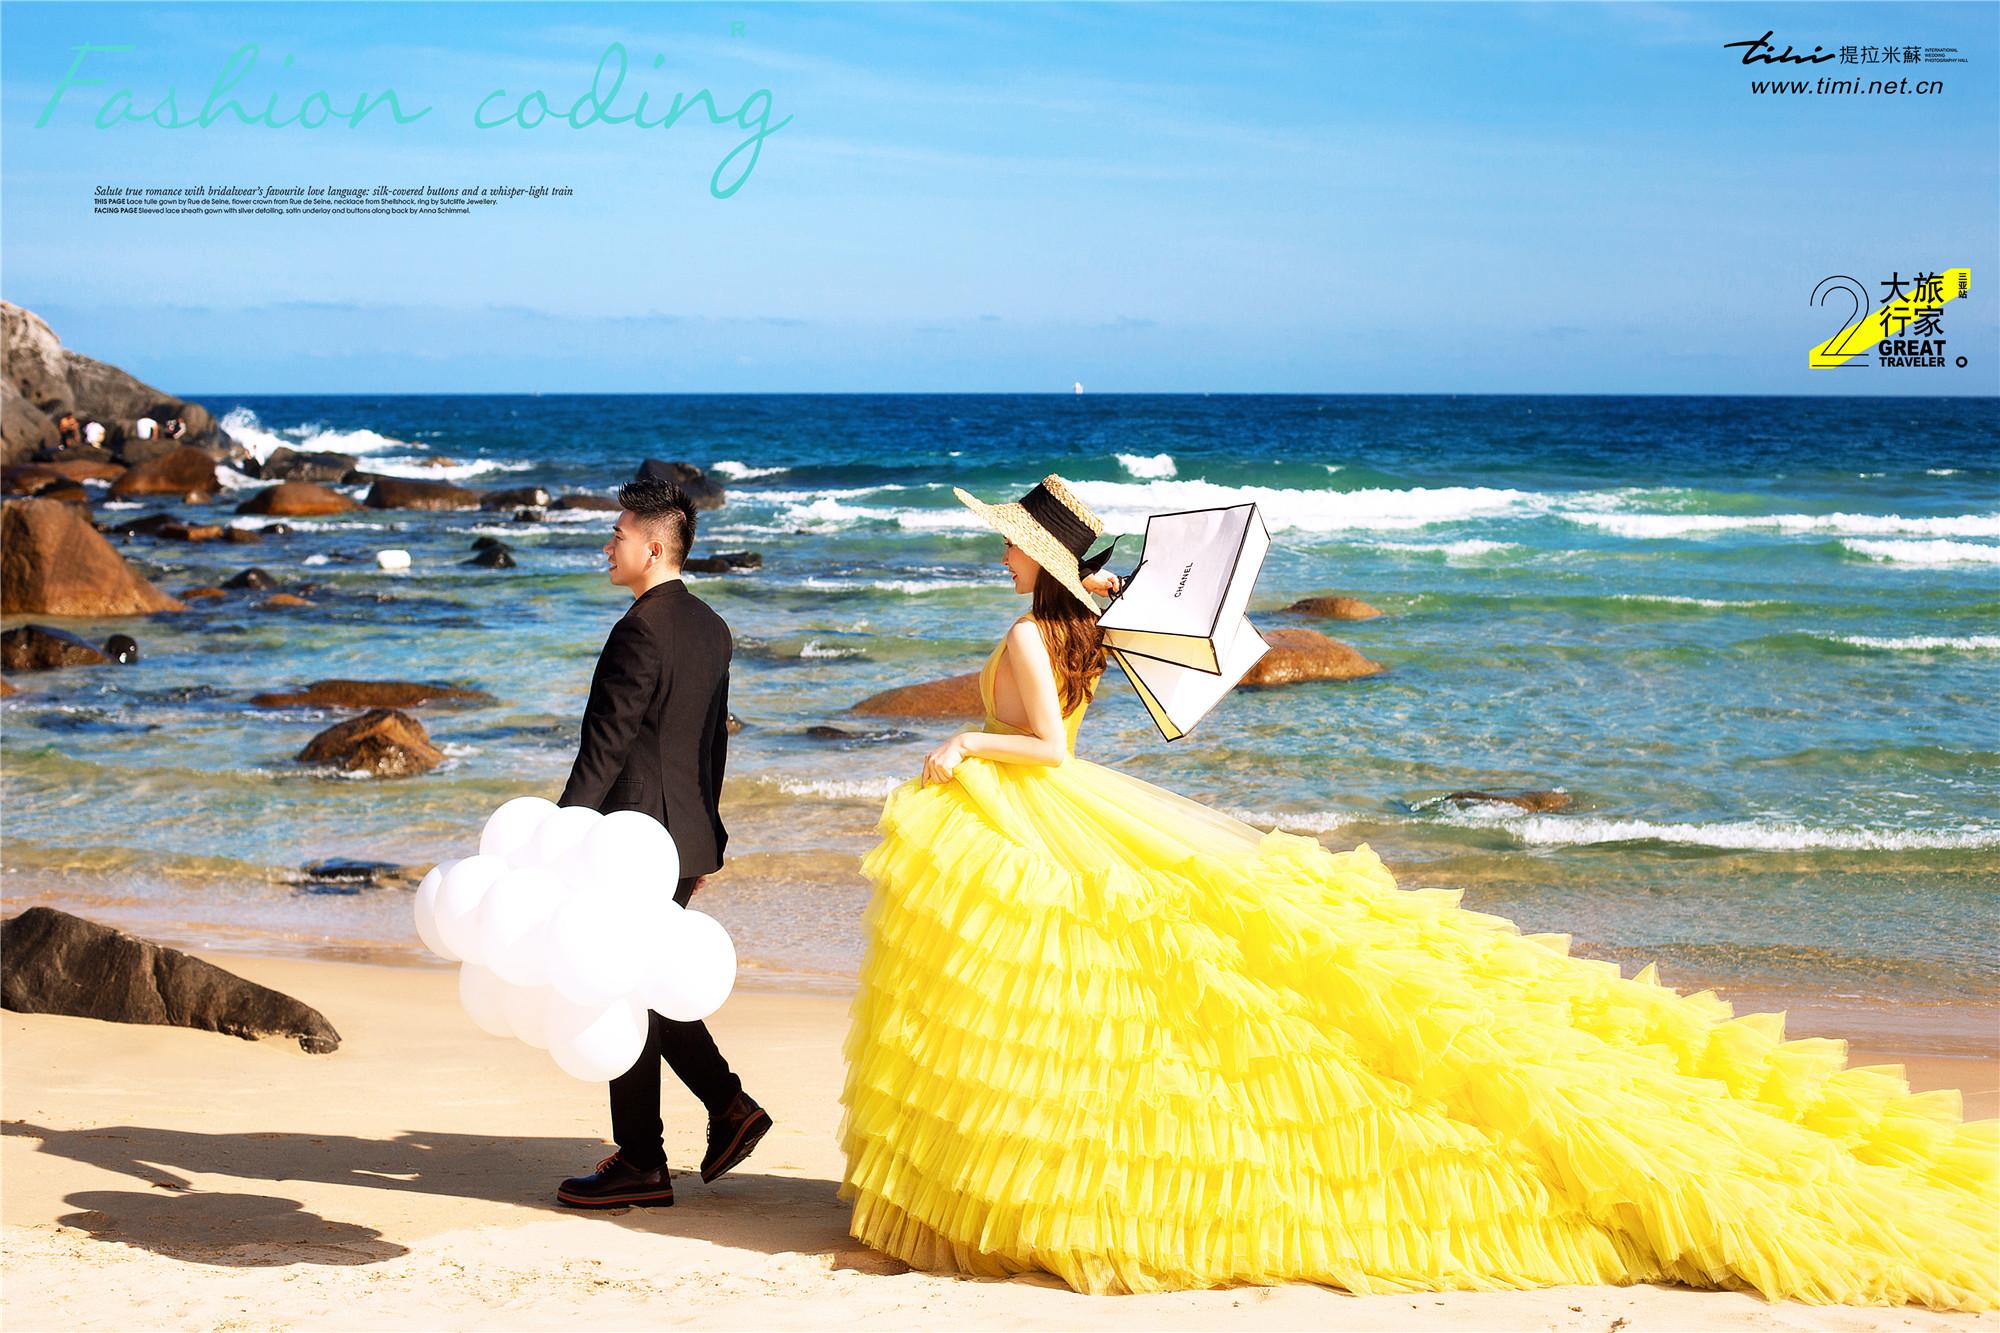 圣托里尼婚纱摄影价格多少钱?有哪些景点?